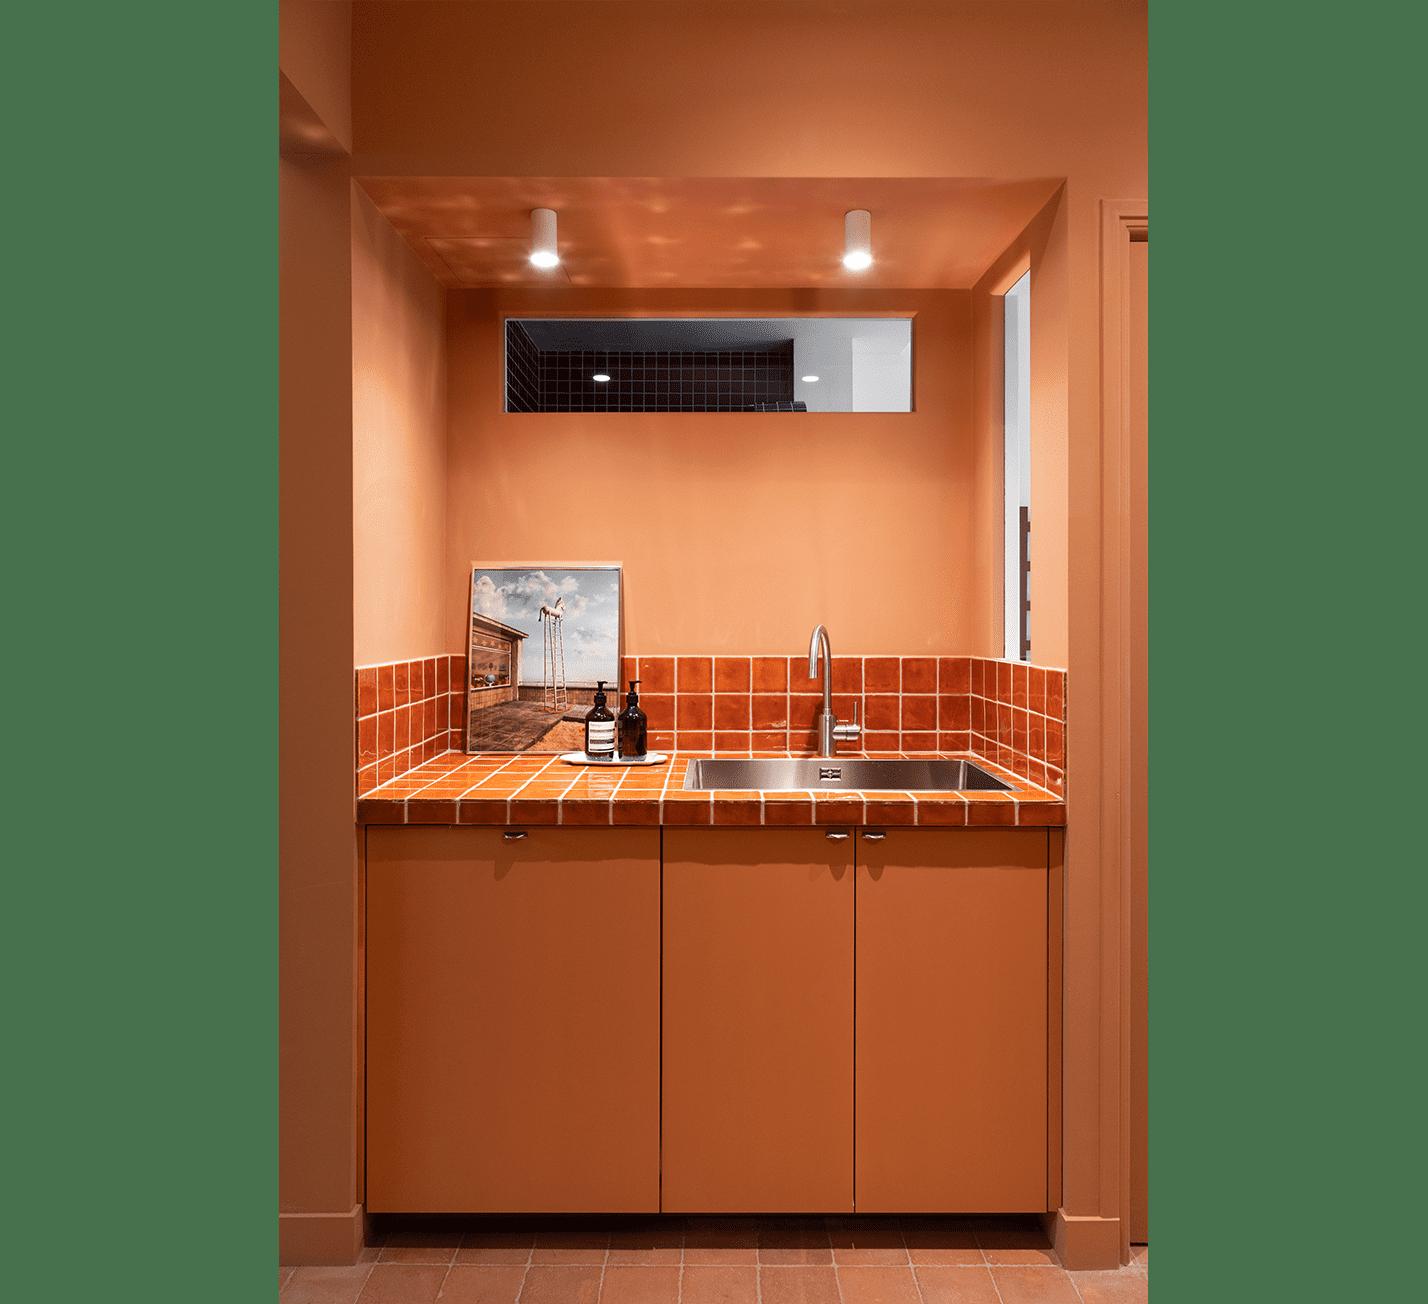 Appartement-Pantin-paris-rénovation-architecture-paris-construction-atelier-steve-pauline-borgia-16